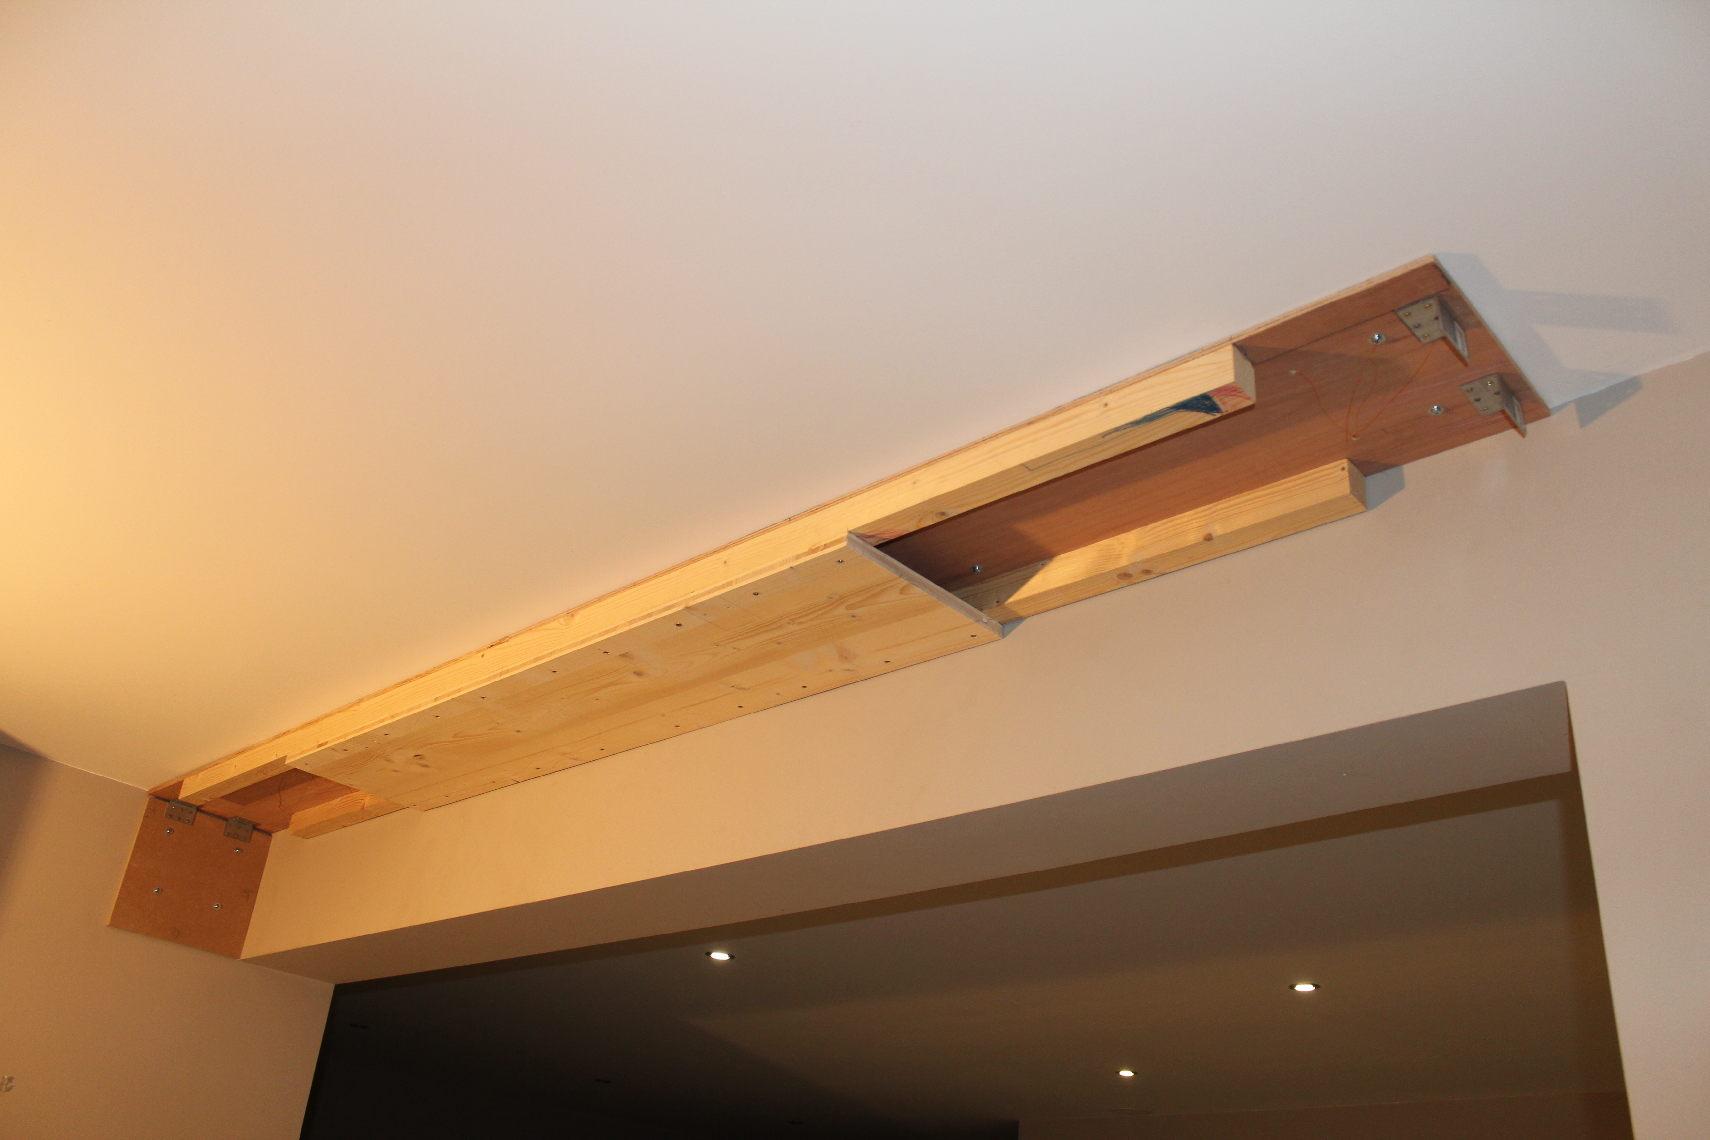 Salon Hc De Pou Coffre Projo Et Centrale Escamotable 30066677  # Comment Accrocher Les Planches A Tv Au Mur